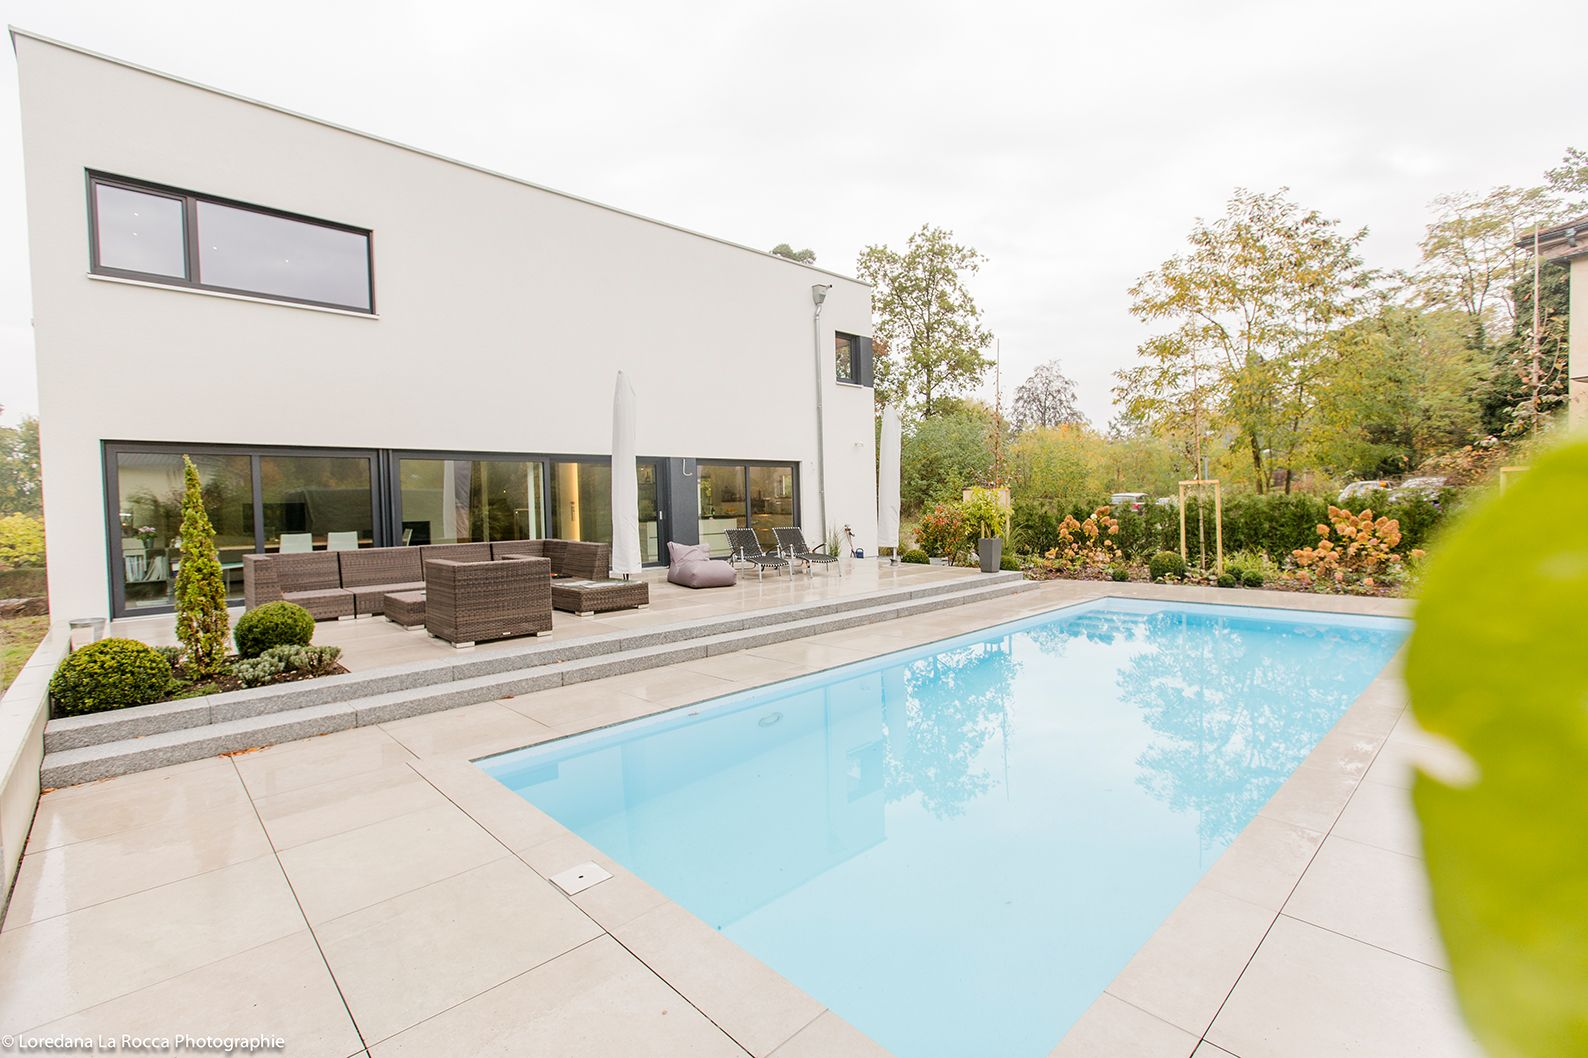 Haus LaStructura FischerHaus Fertighaus Außenpool #Haus #Garten #Pool  #Außenpool #modern #